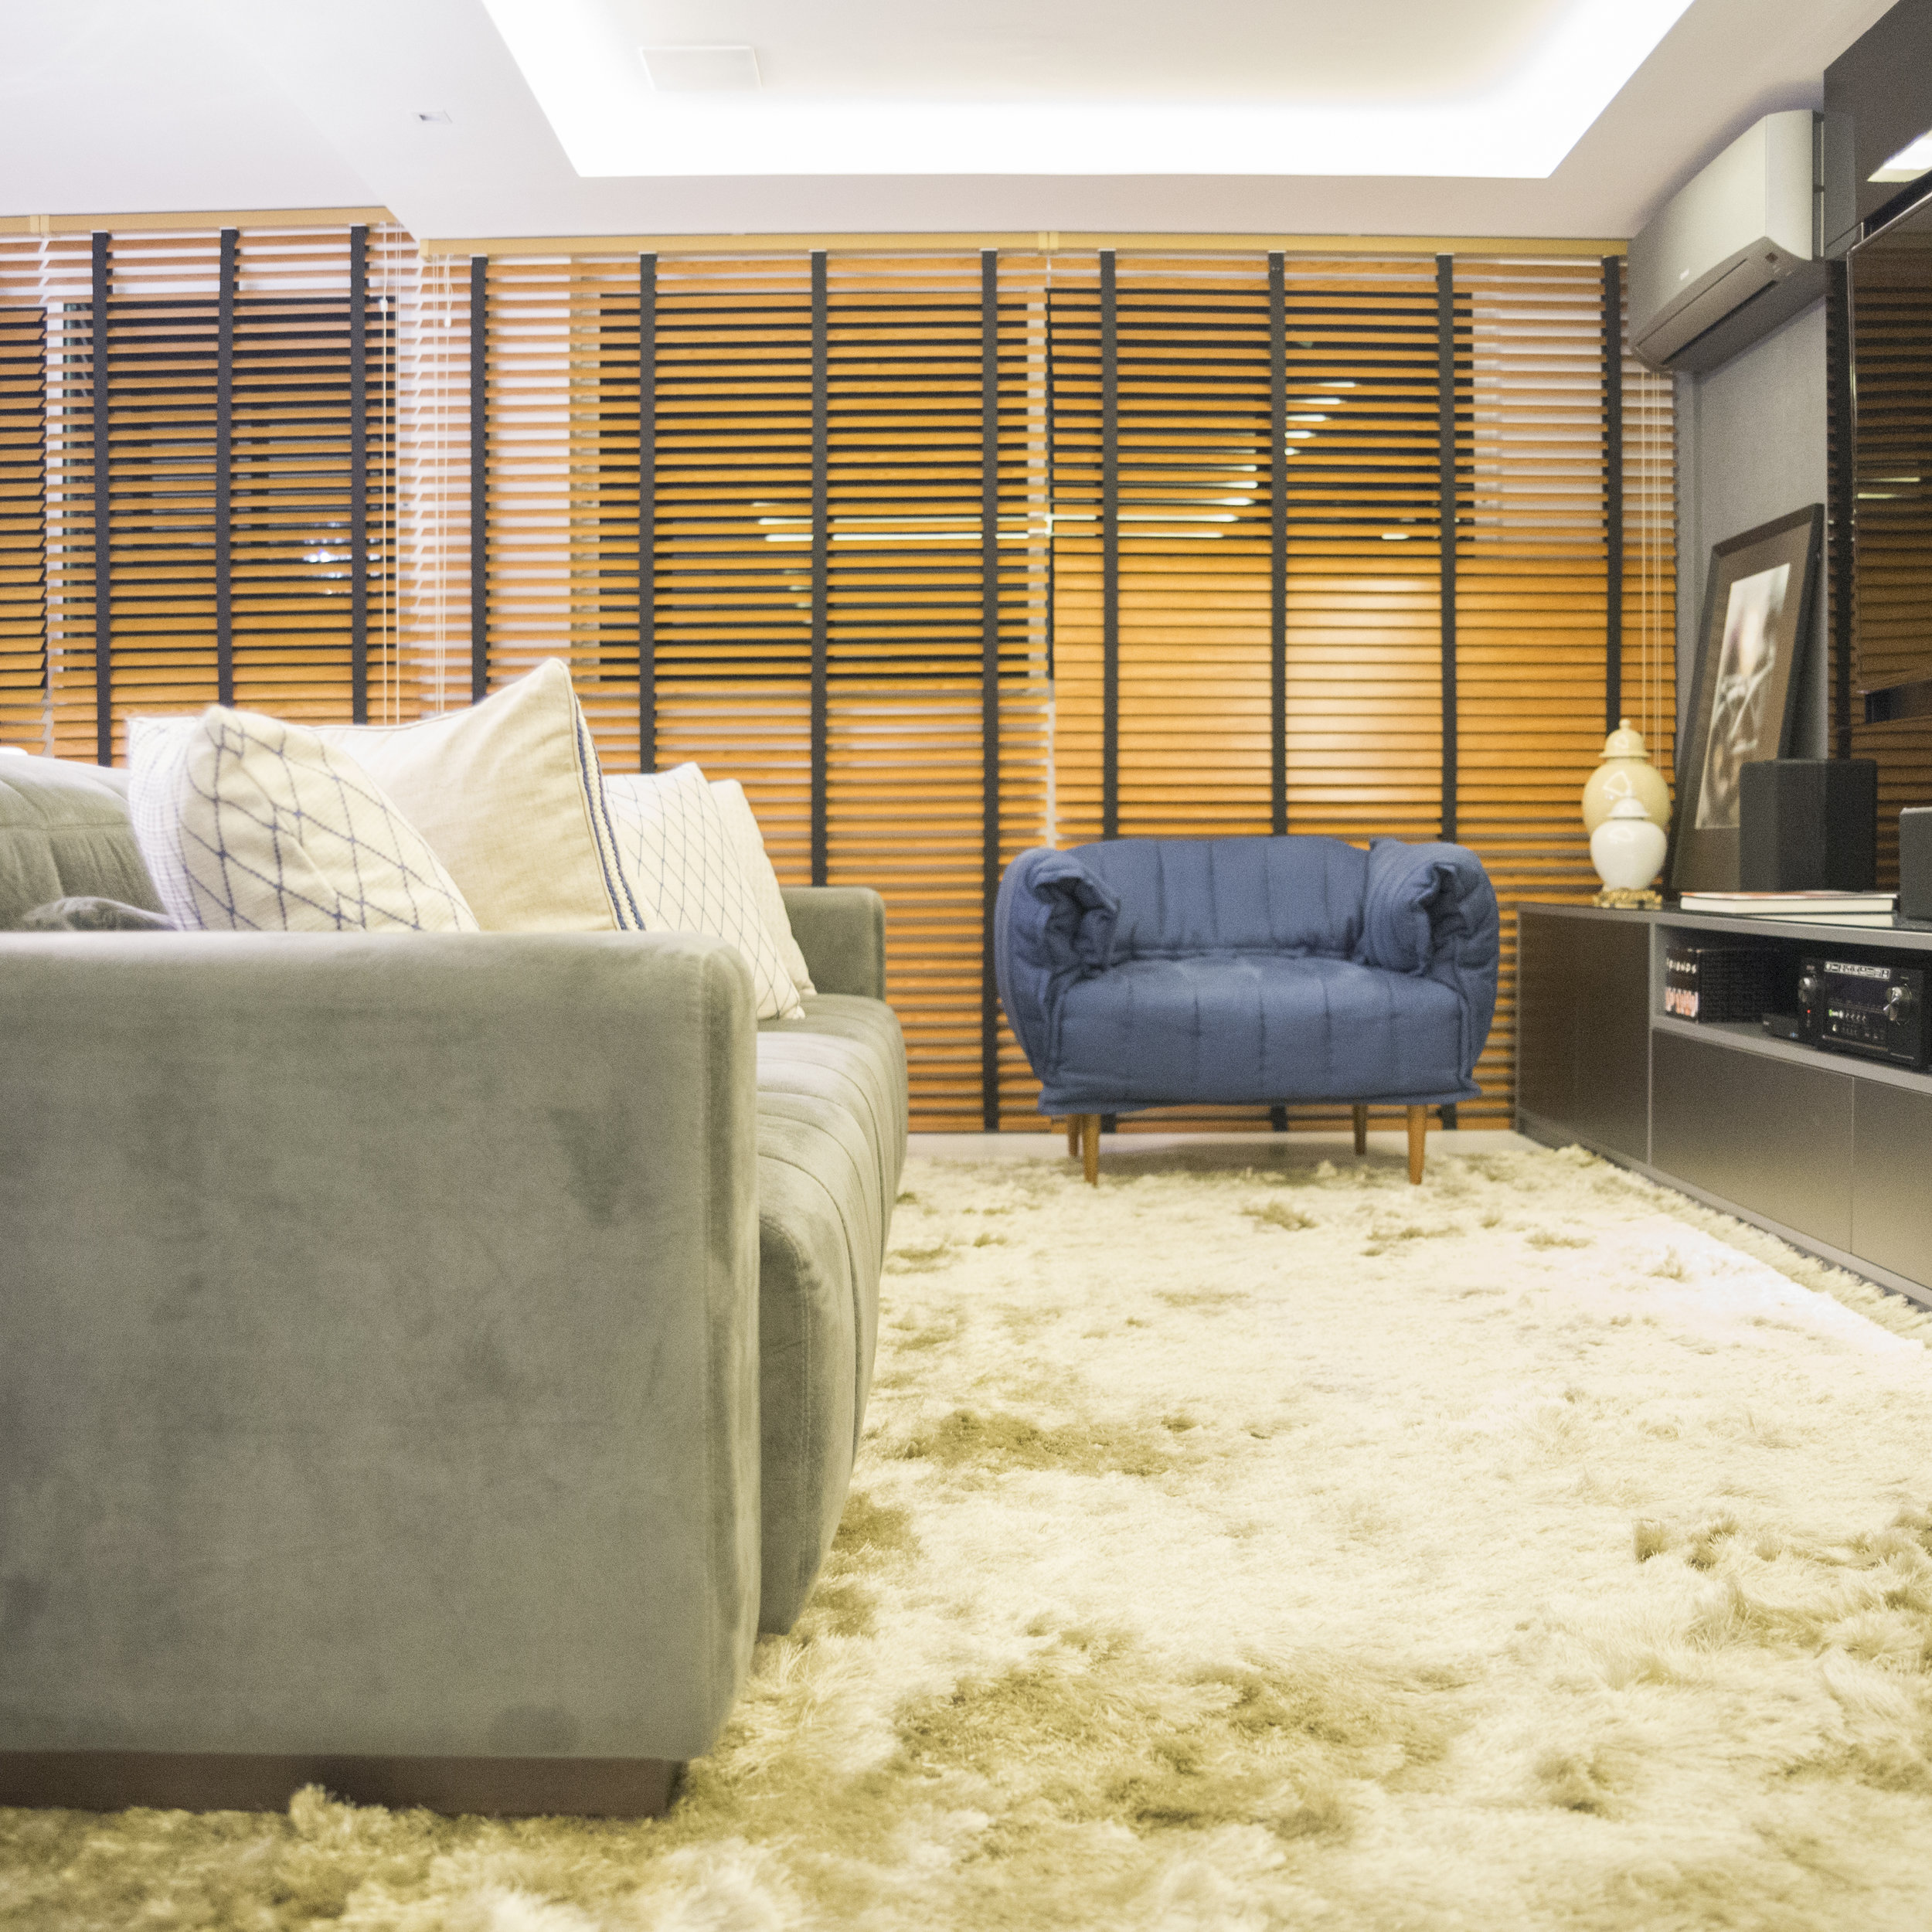 projeto-arquitetonico-robertoindira-duo-arquitetura-apartamentos-gourmet-017.jpg